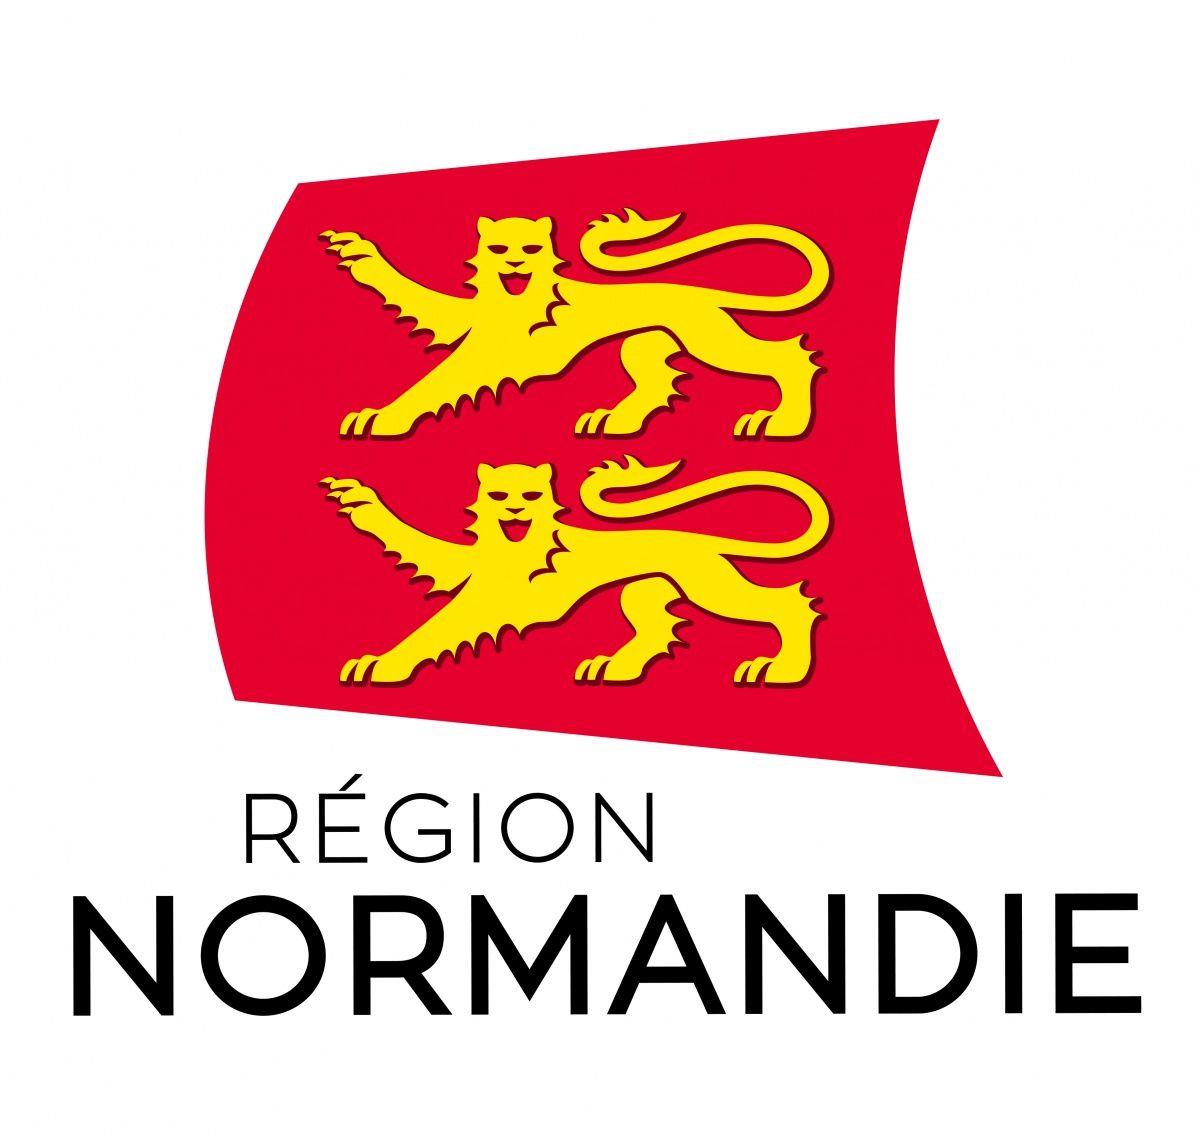 Région Normandie - Feu vert pour le parc éolien Dieppe Le Tréport